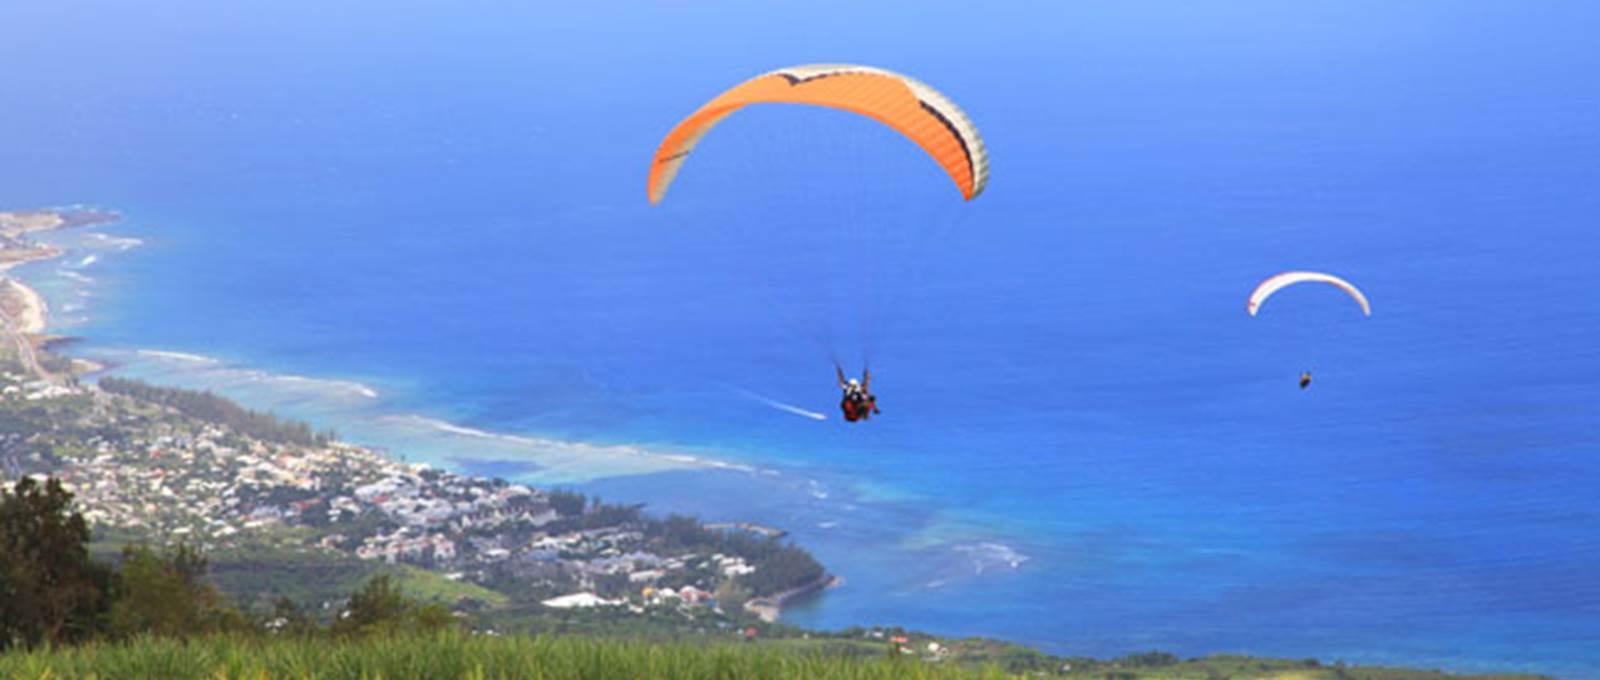 Le-parapente-–-Activité-Sportive-Réunion